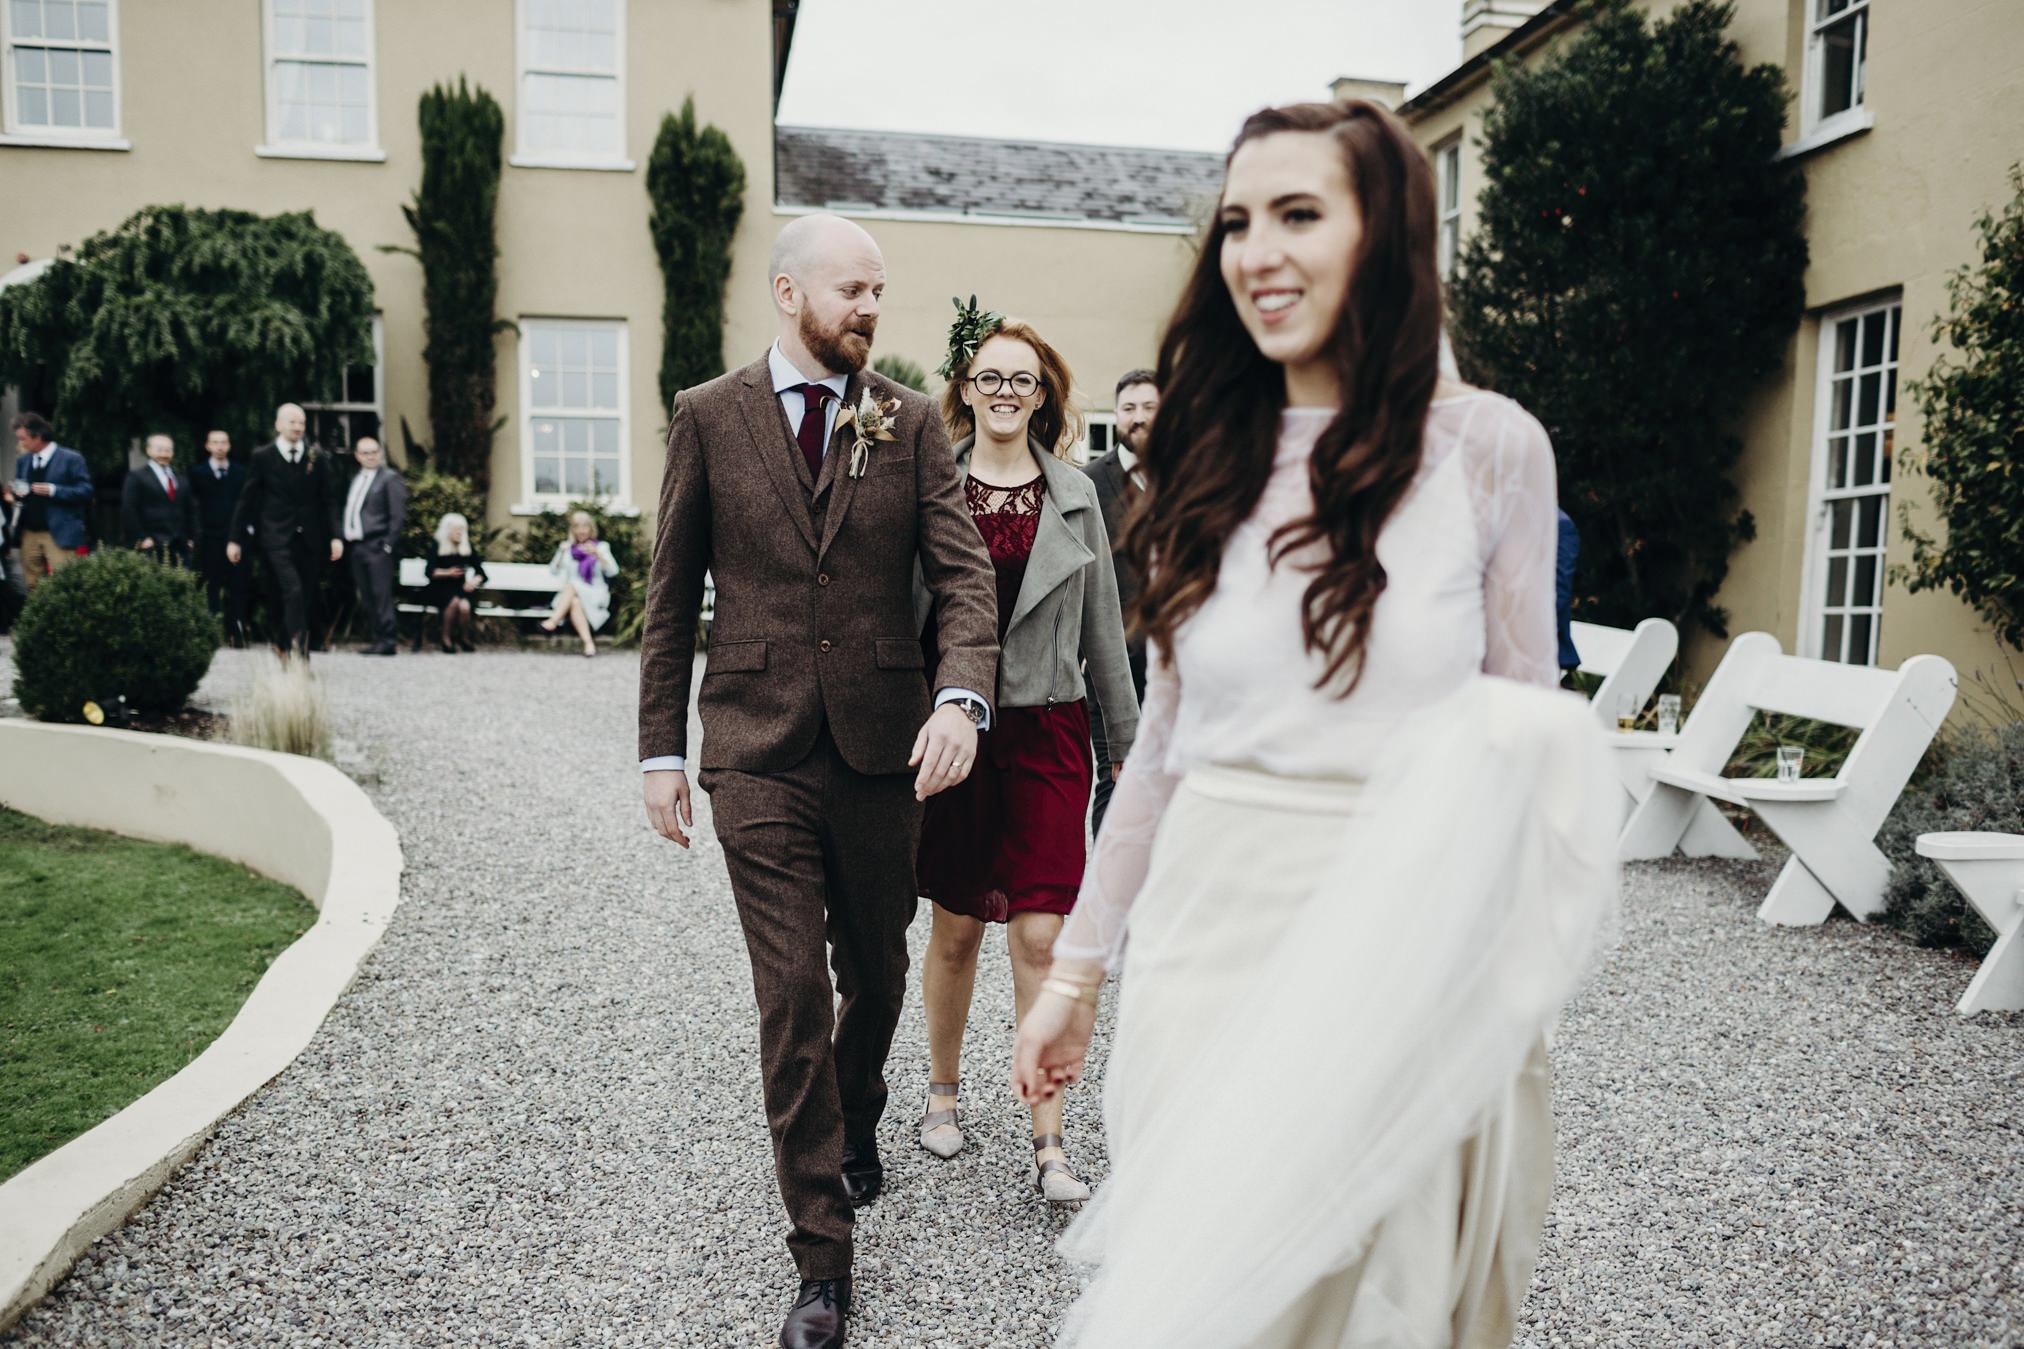 wedding photographer irelandGraciela Vilagudin Photography620.jpg